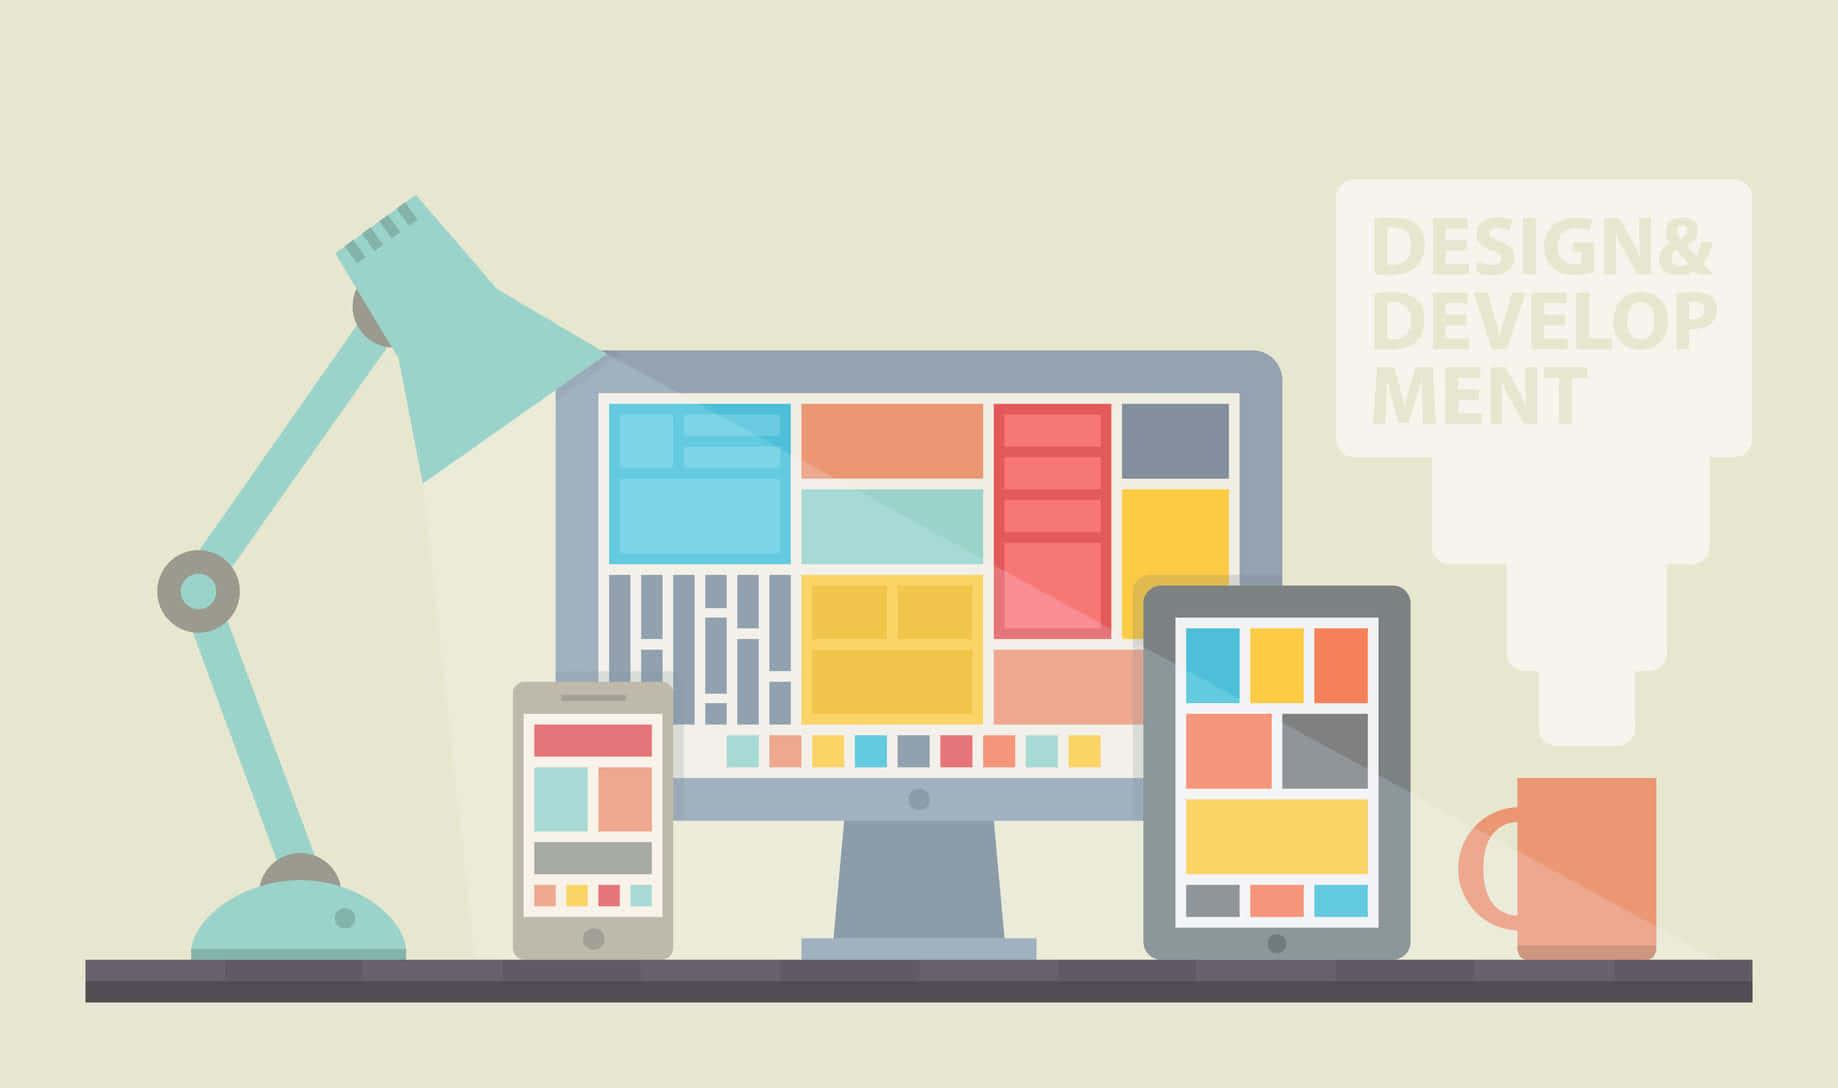 Como criar seu website de graça